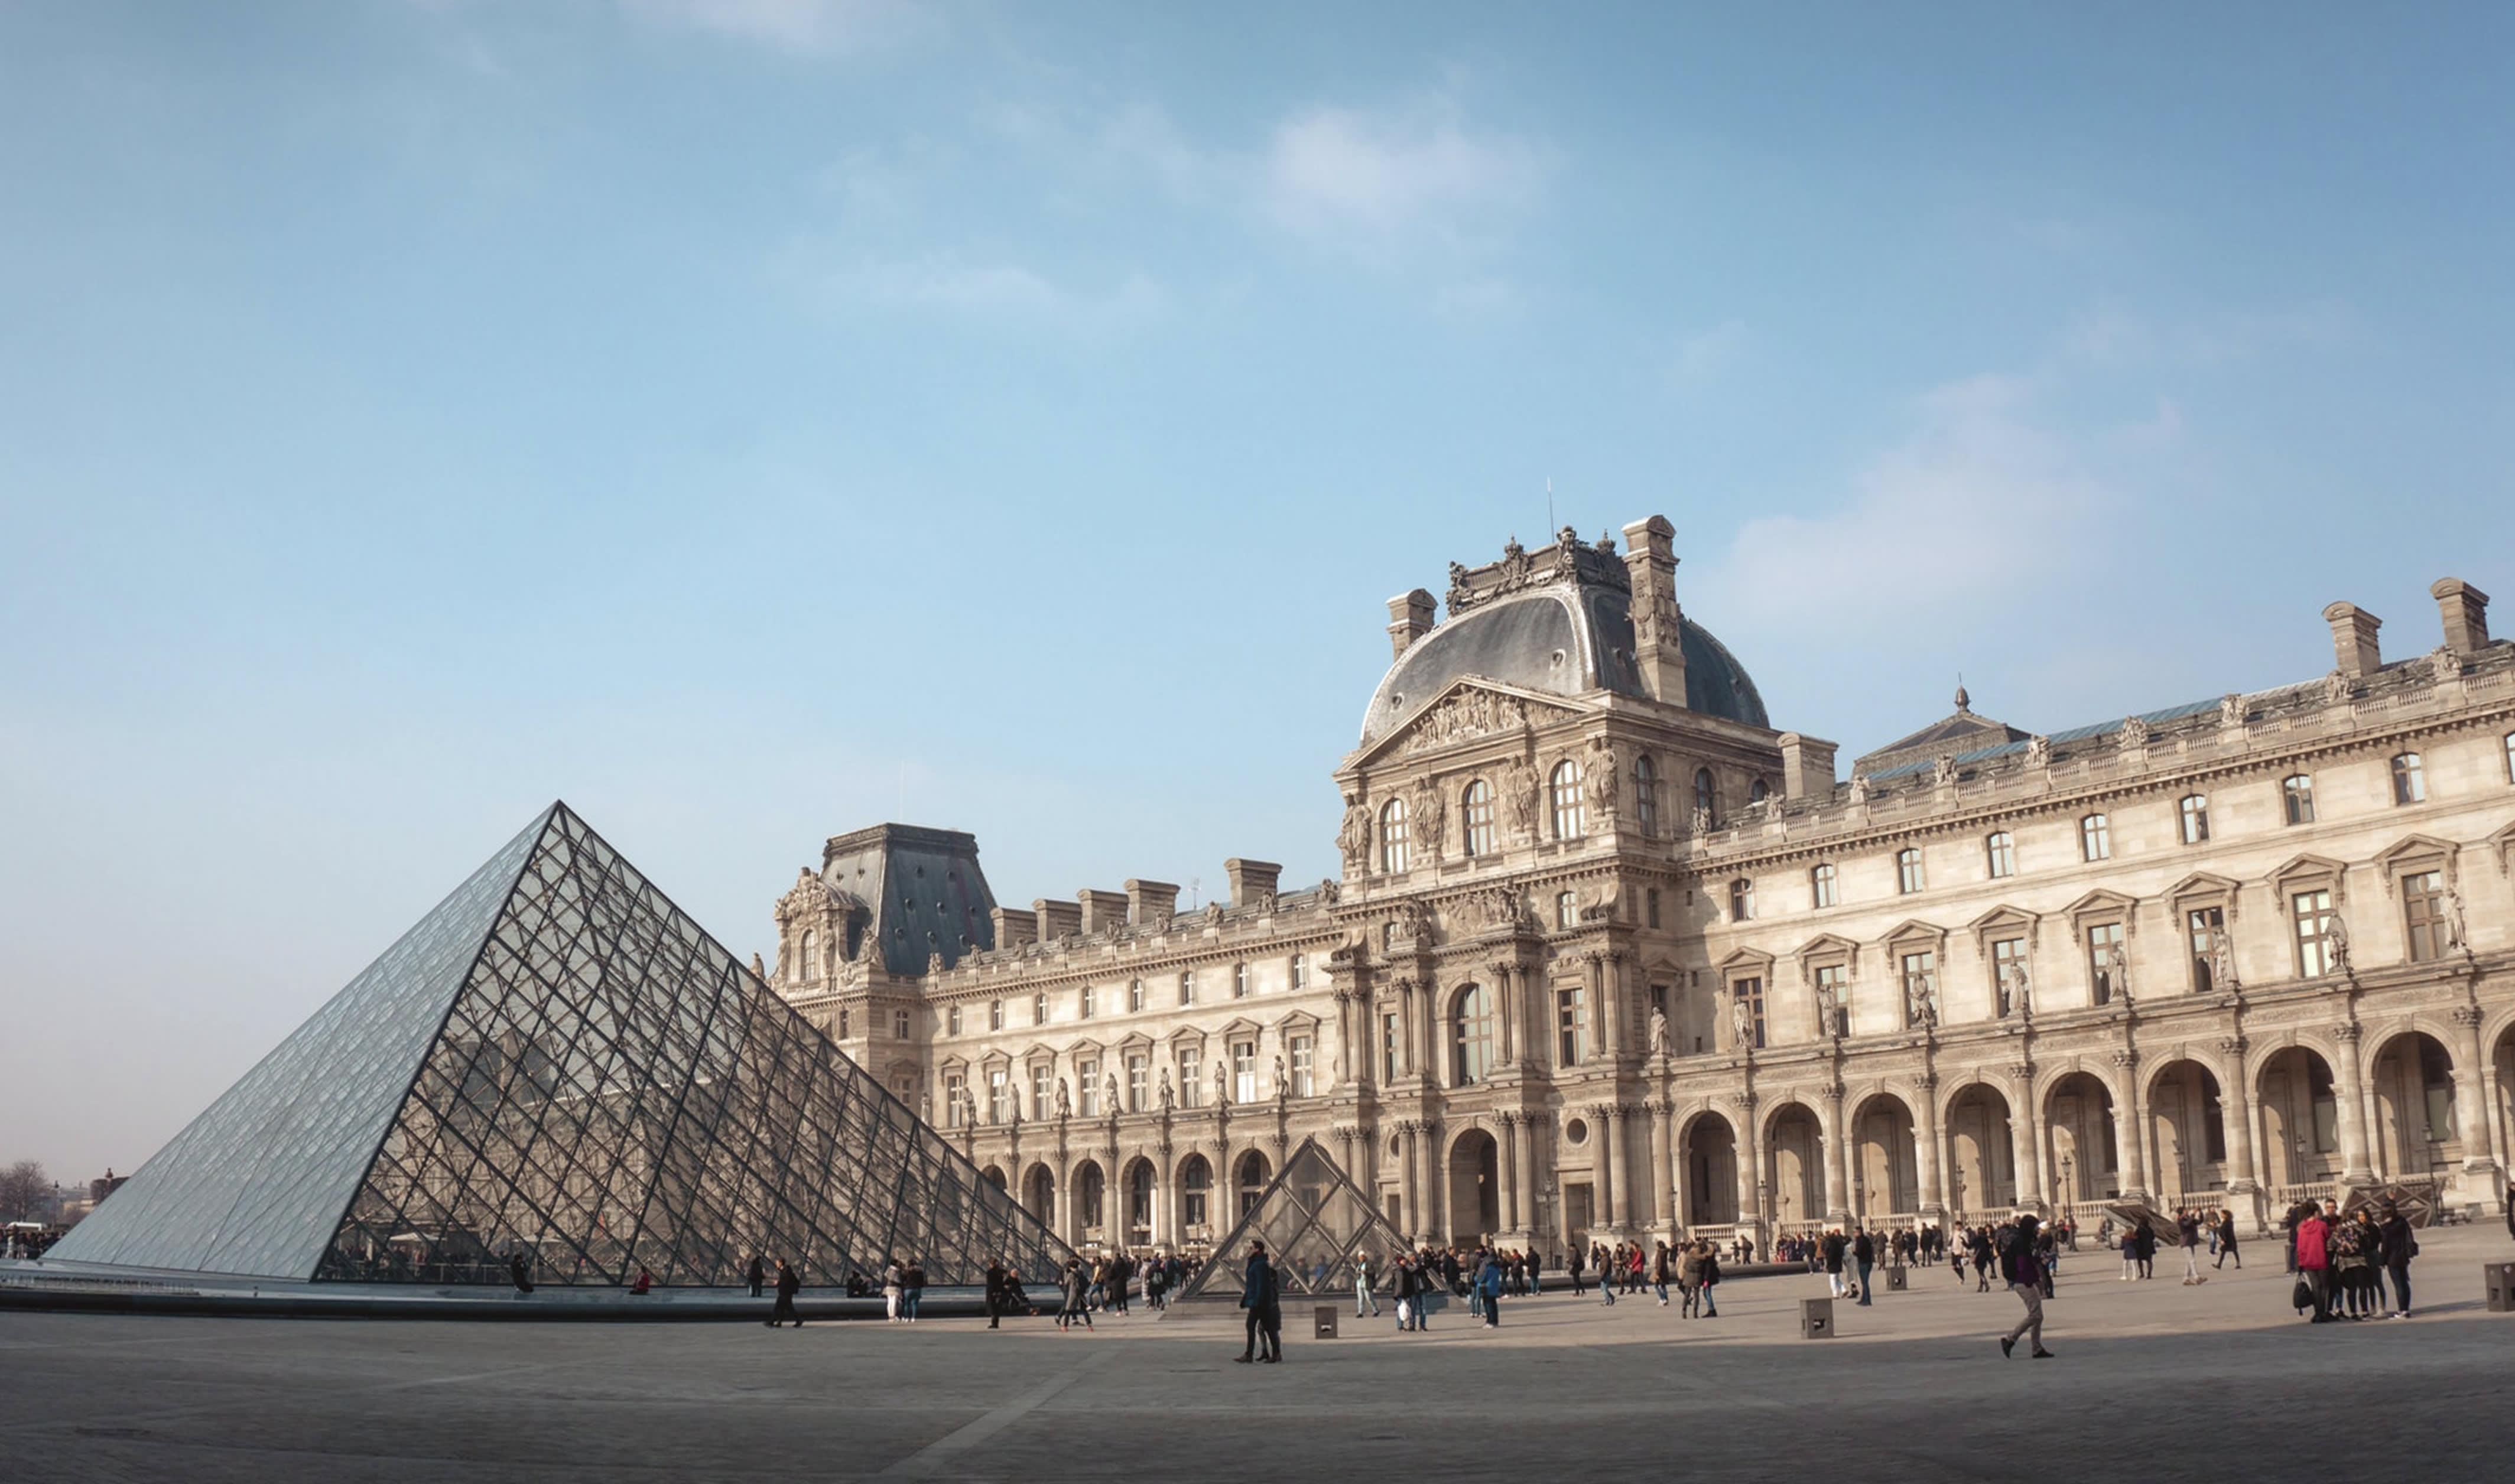 Besøg vinkælderen under Louvre, Les Caves du Louvre